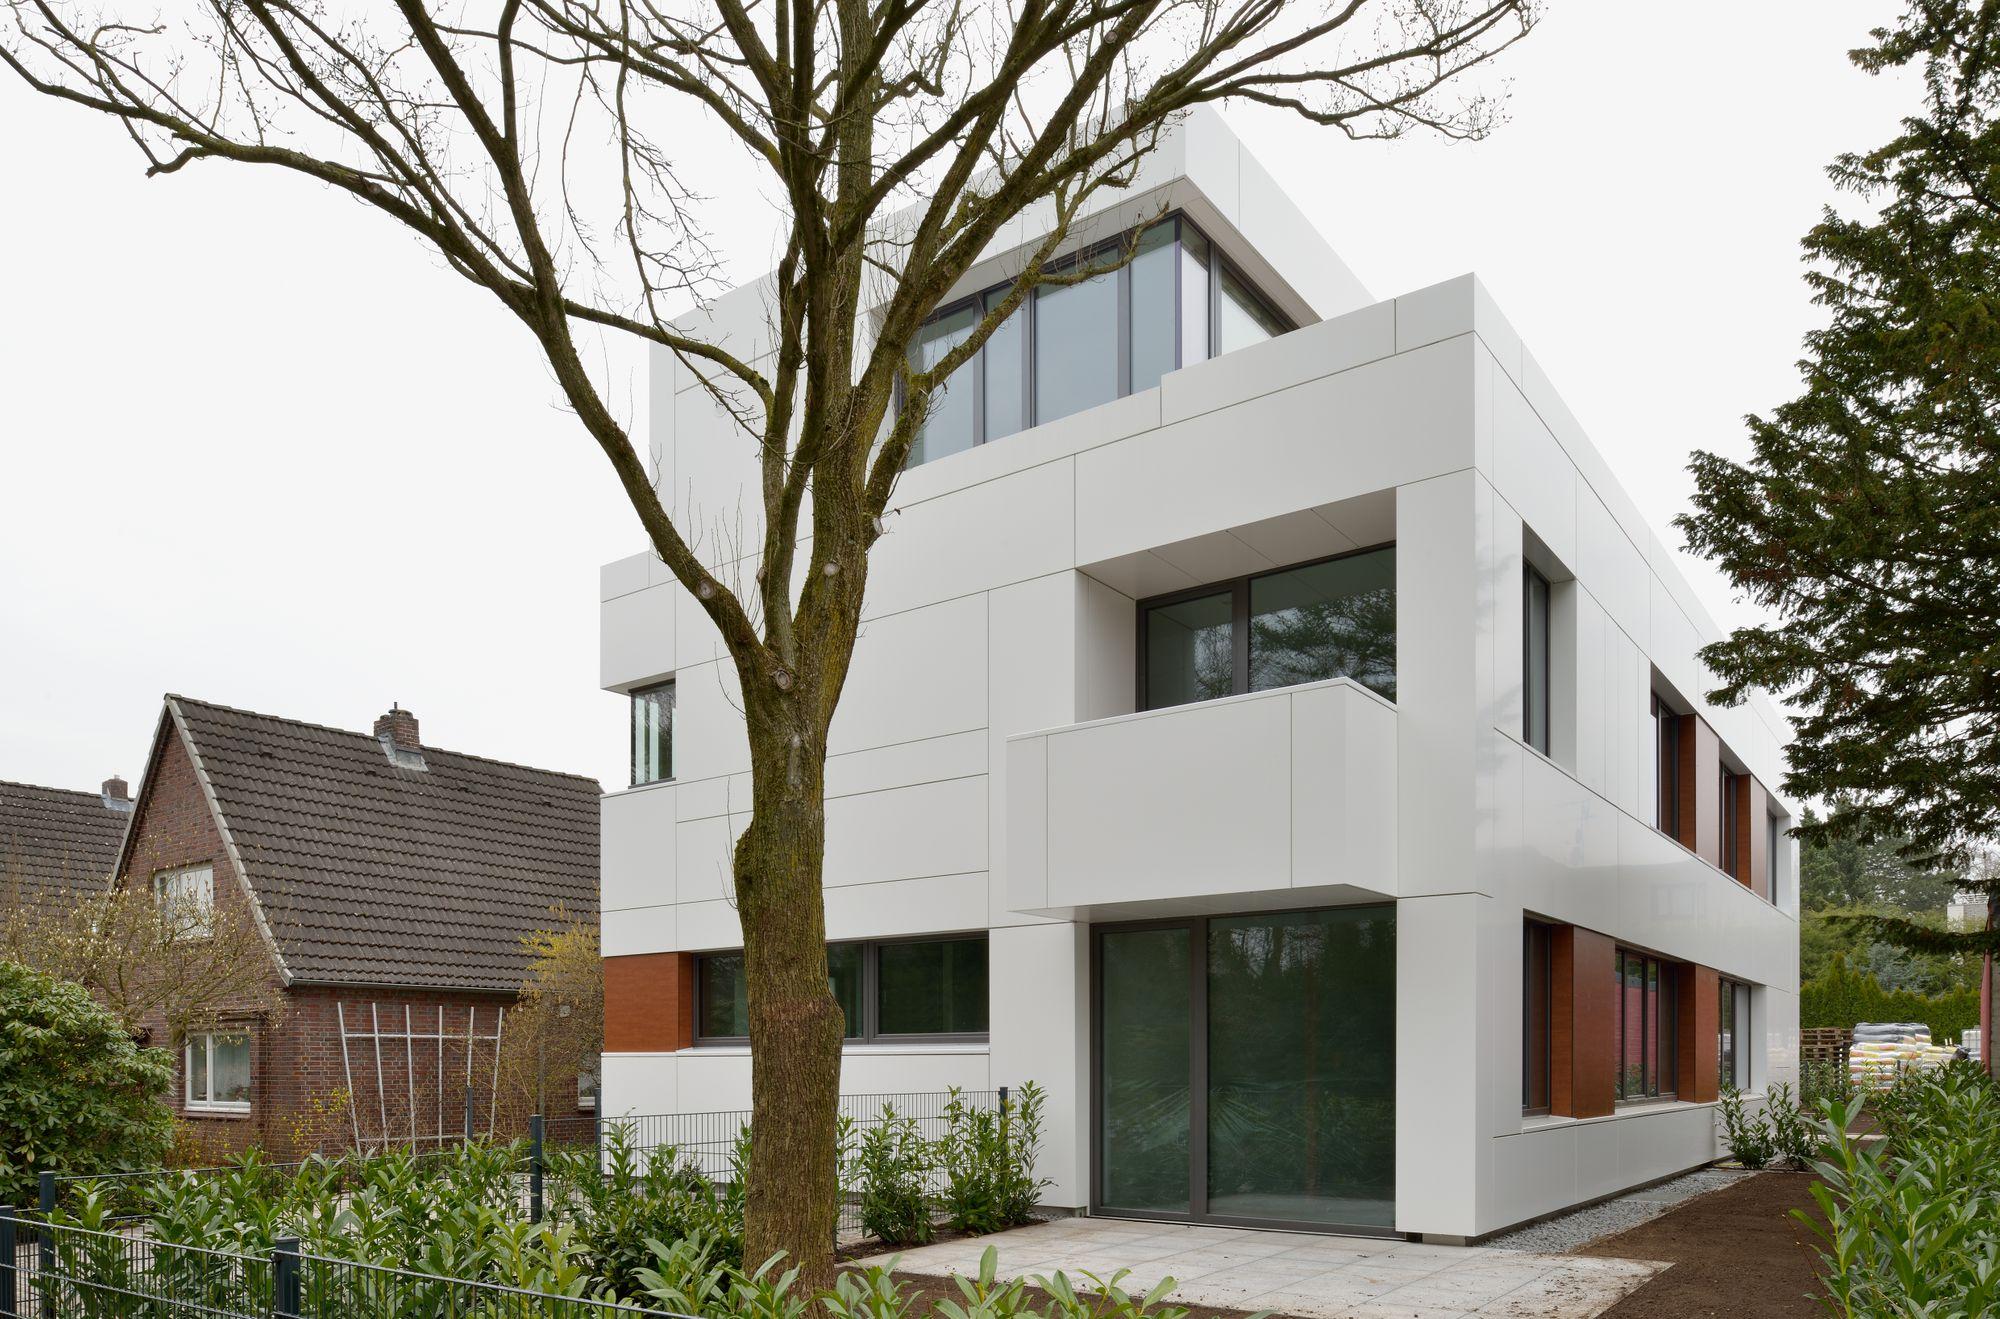 Neubau Wohngebaude sk152